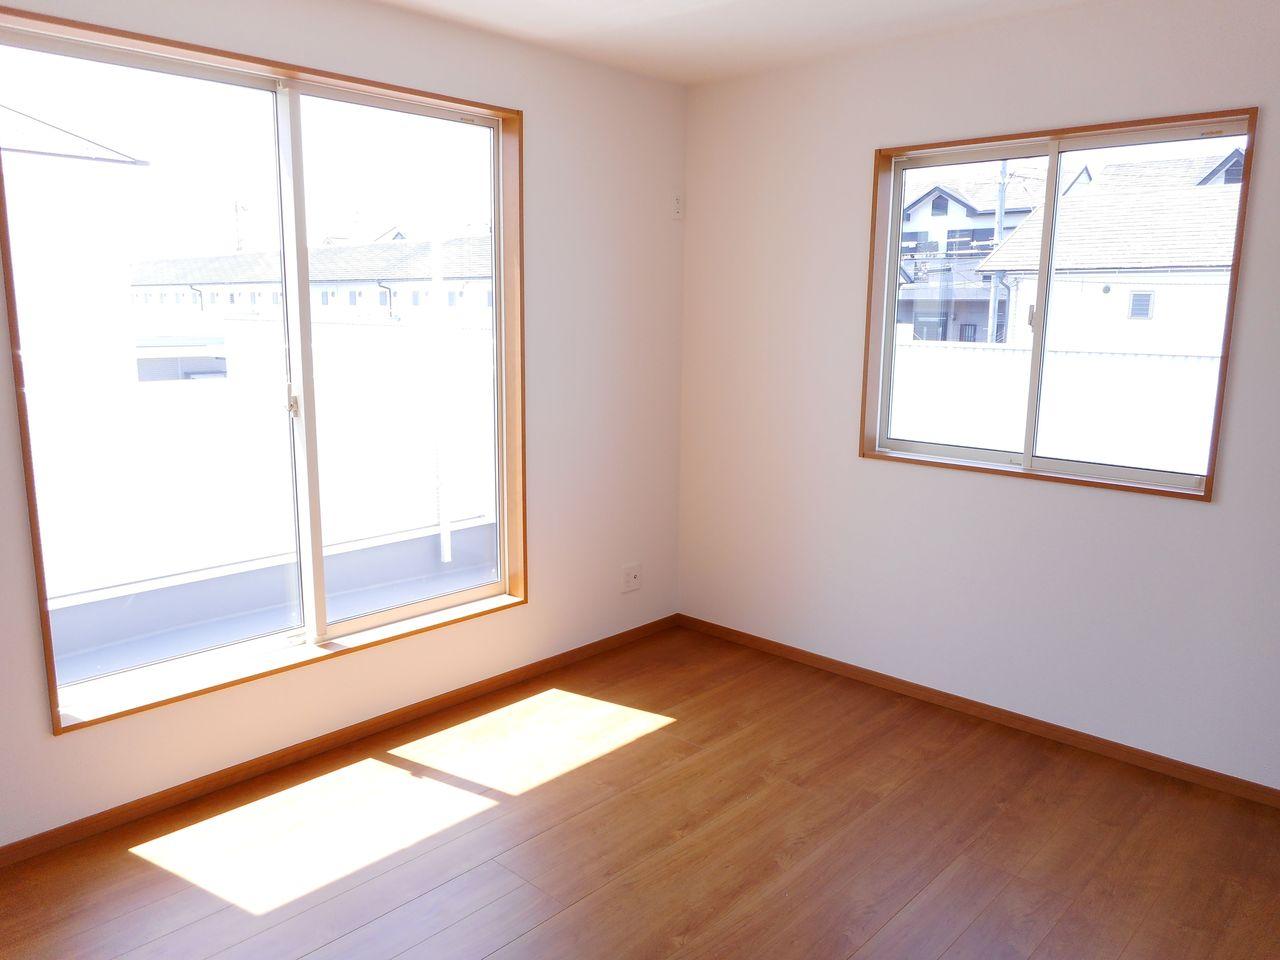 南向きの明るい室内です。 ポカポカと暖かいリビングでおくつろぎ下さい。 (同仕様)